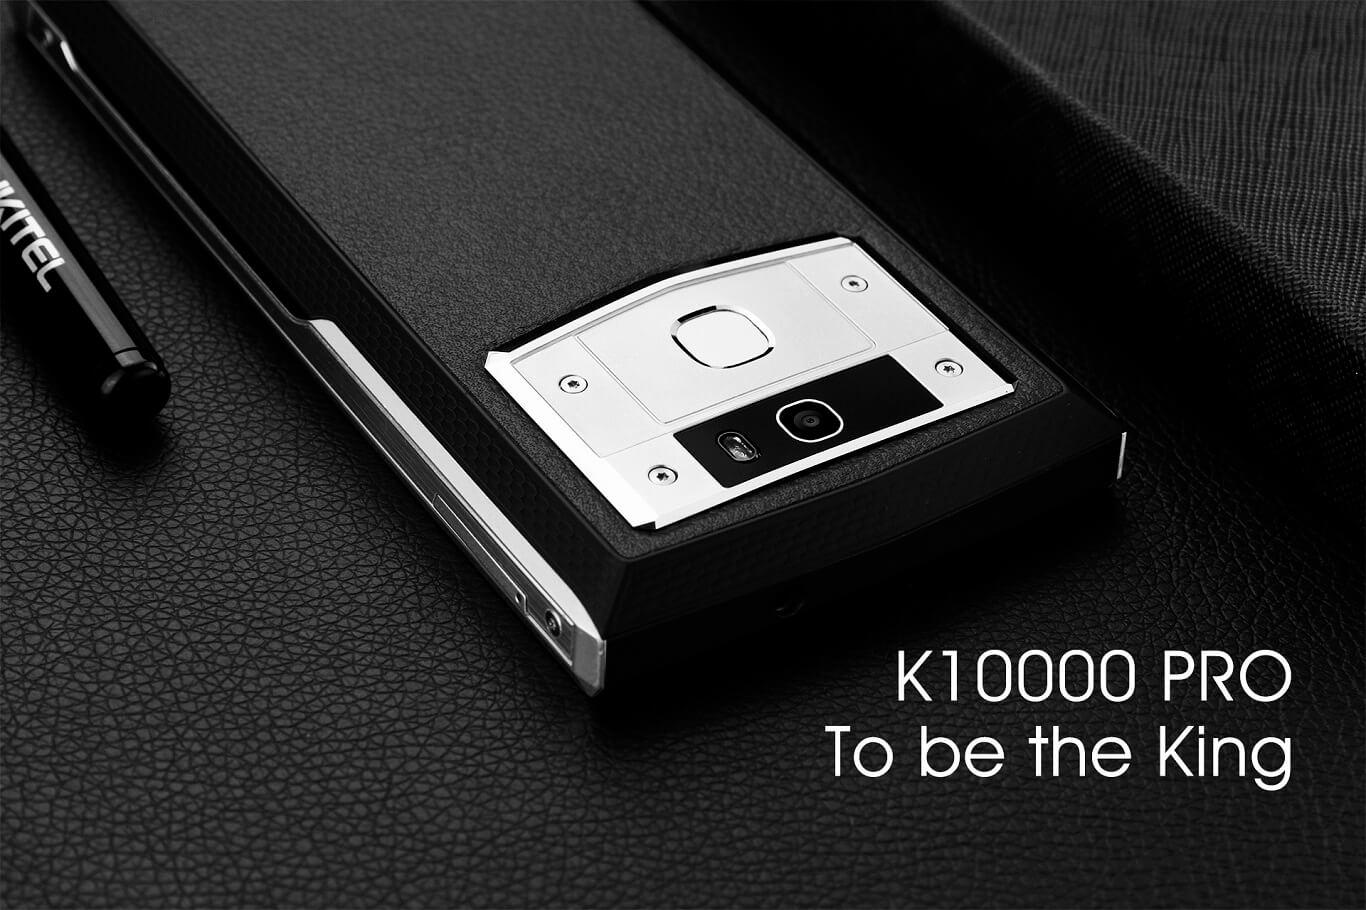 Oukitel K1000 Pro